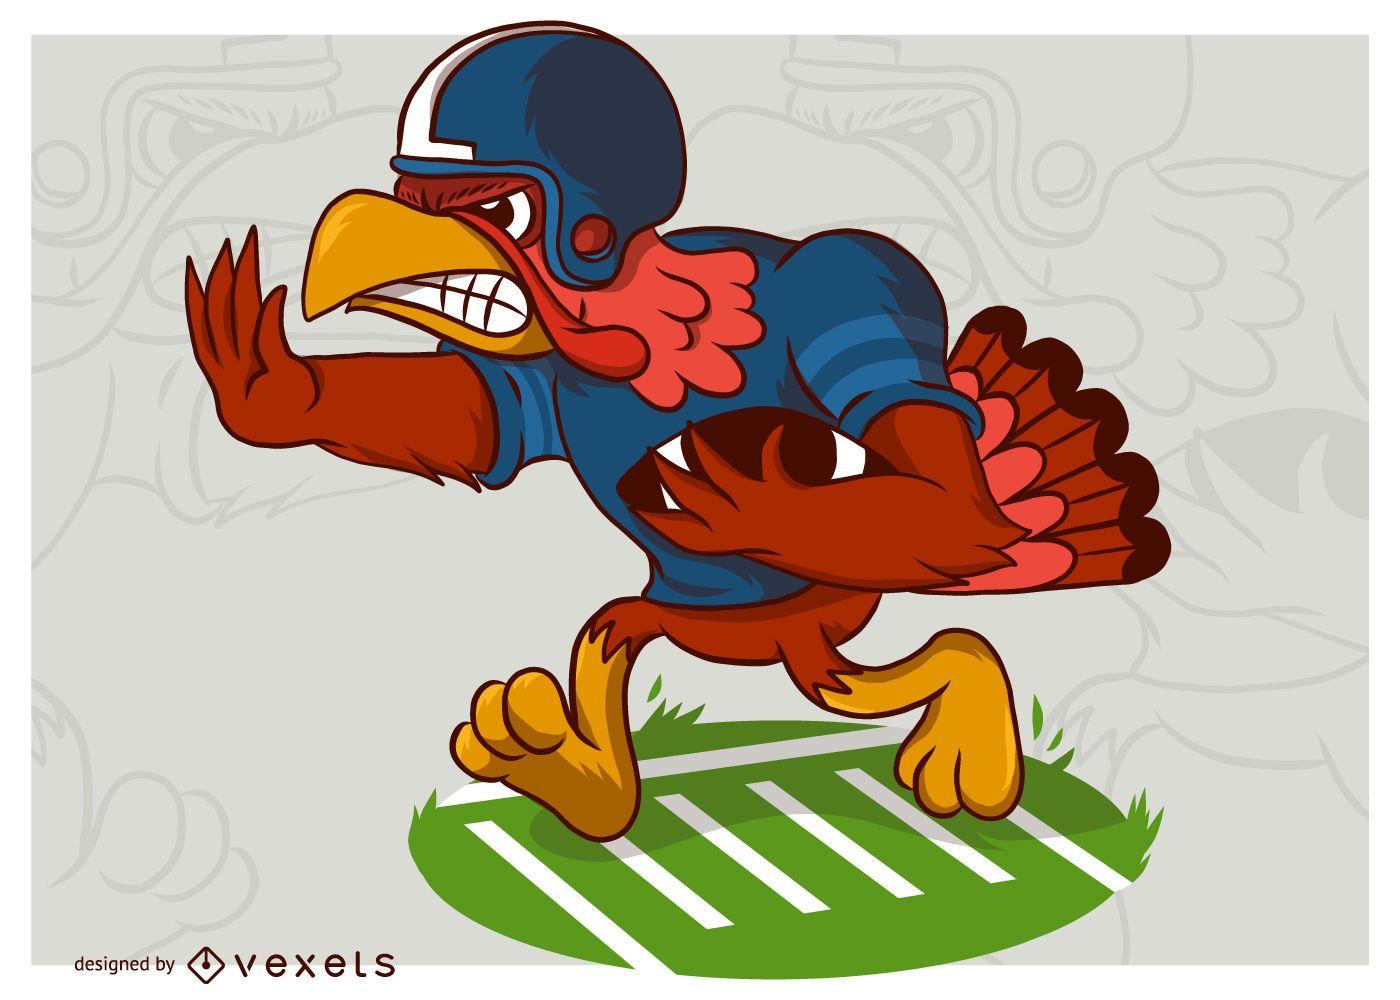 Thanksgiving Türkei Fußballspieler Cartoon Vektor-Illustration